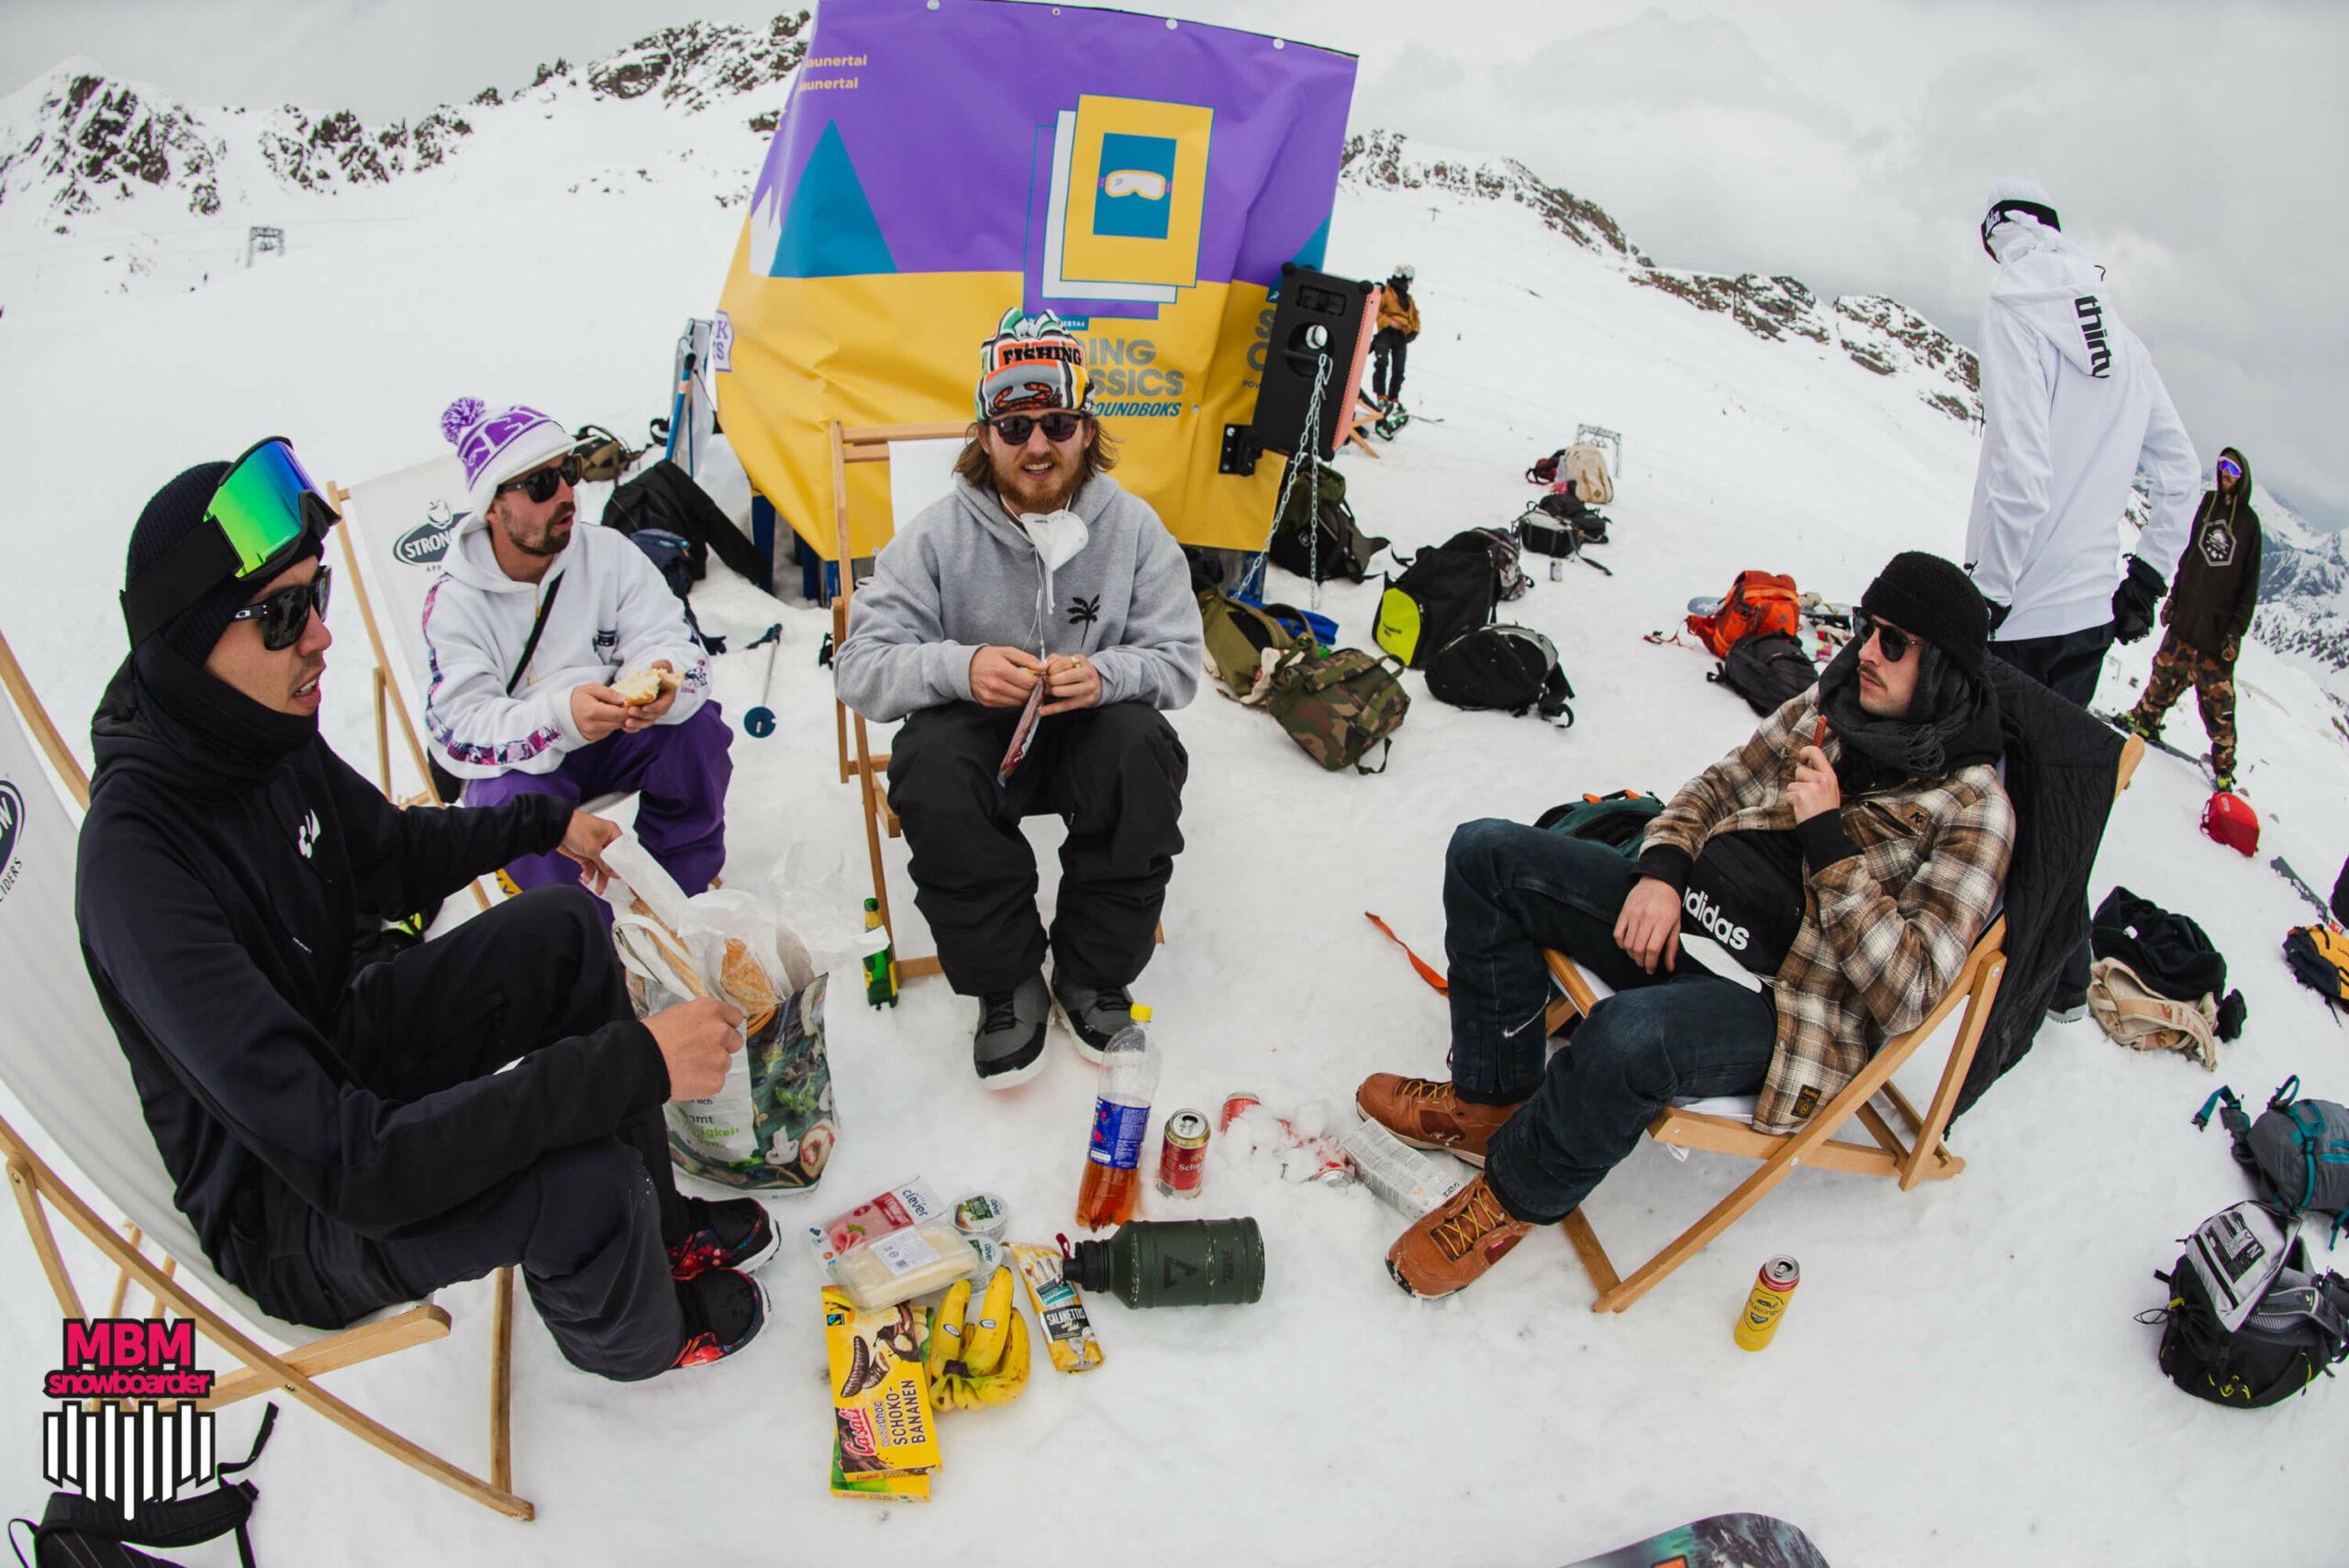 snowboarderMBM_sd_kaunertal_075